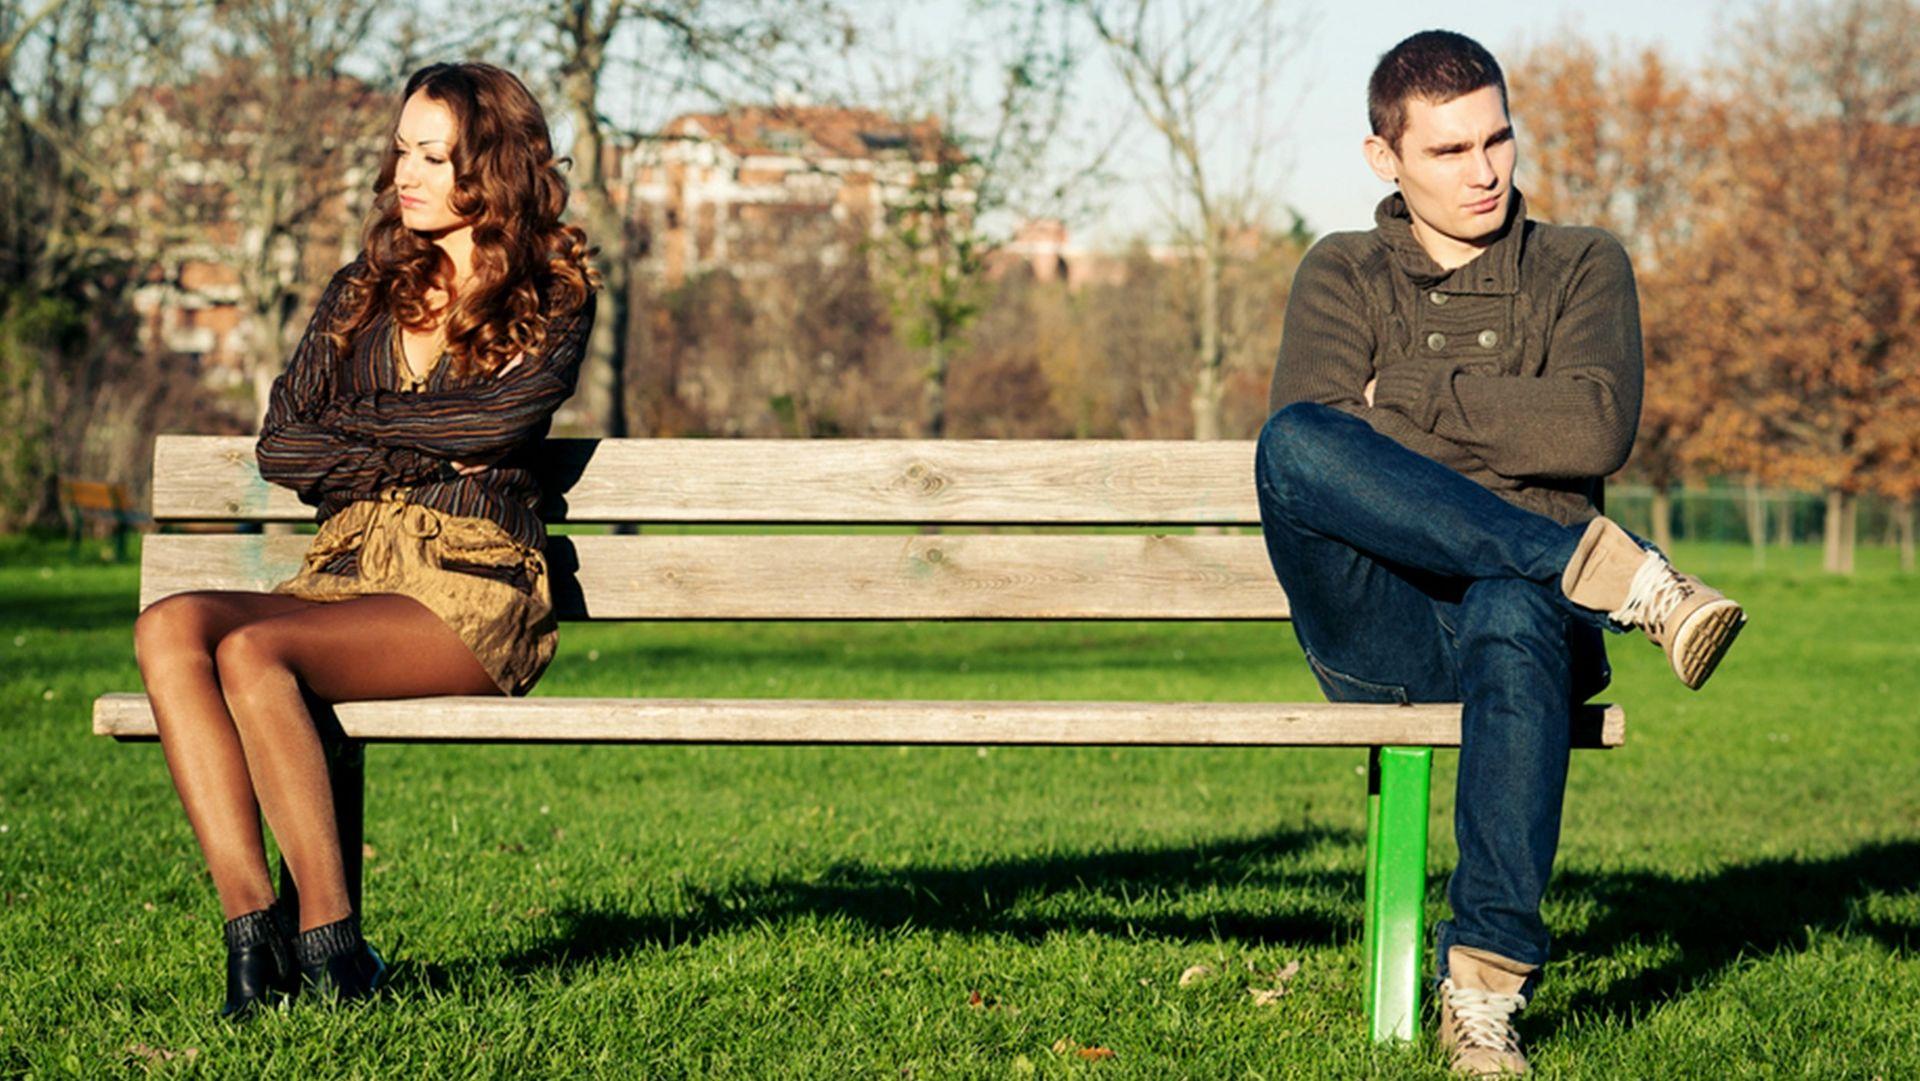 angry-upset-couple-stock-today-150722-tease_e5a7724f858728ecd9409155de658d62-couple